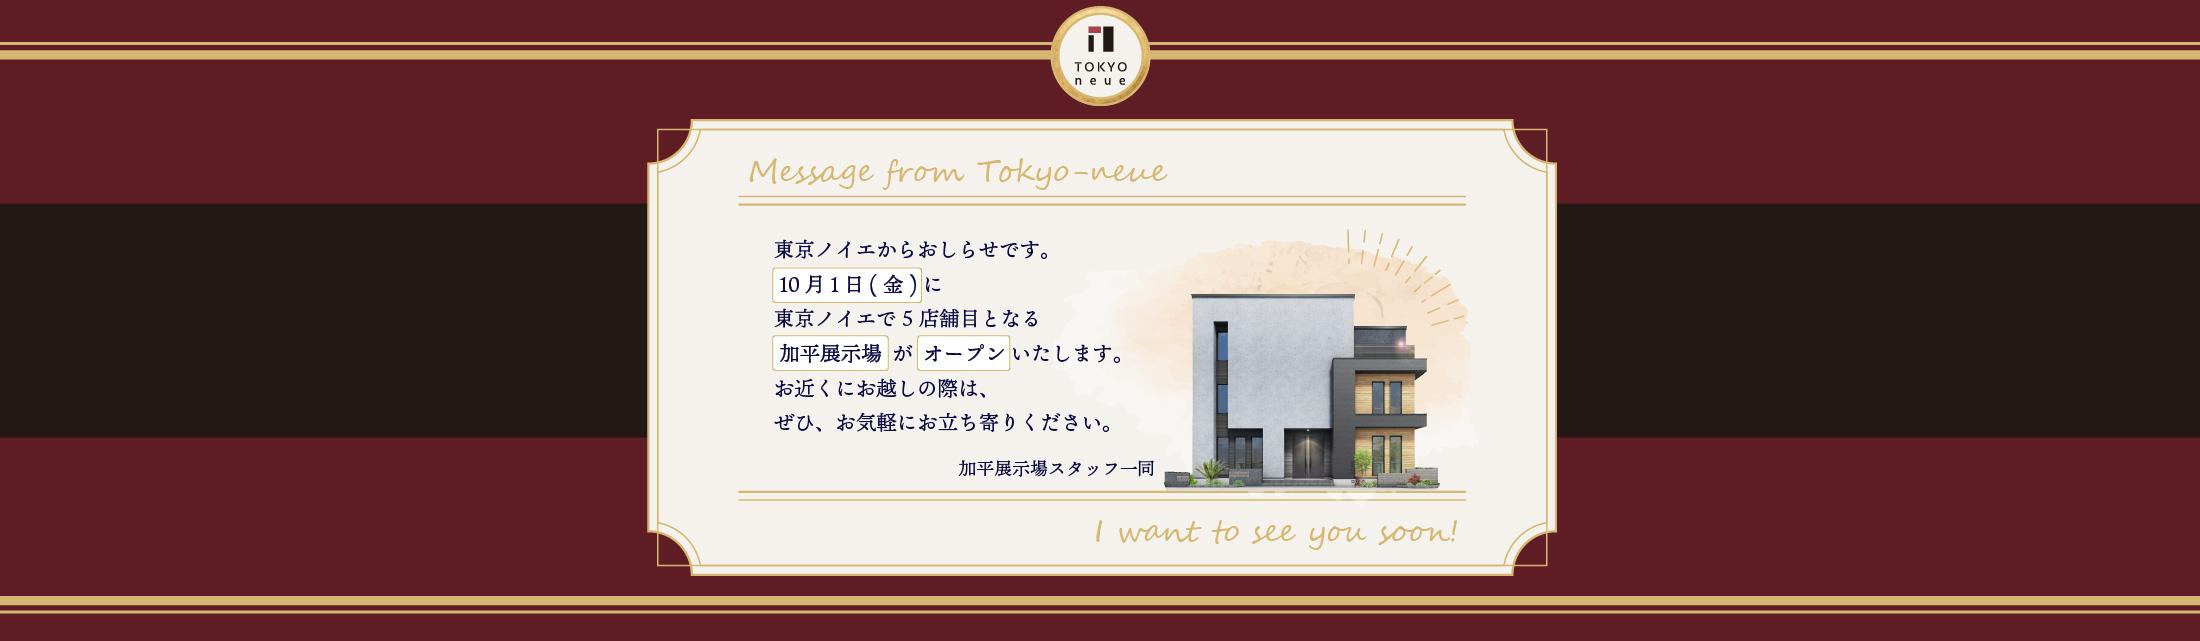 東京ノイエ_加平展示場オープンのお知らせ